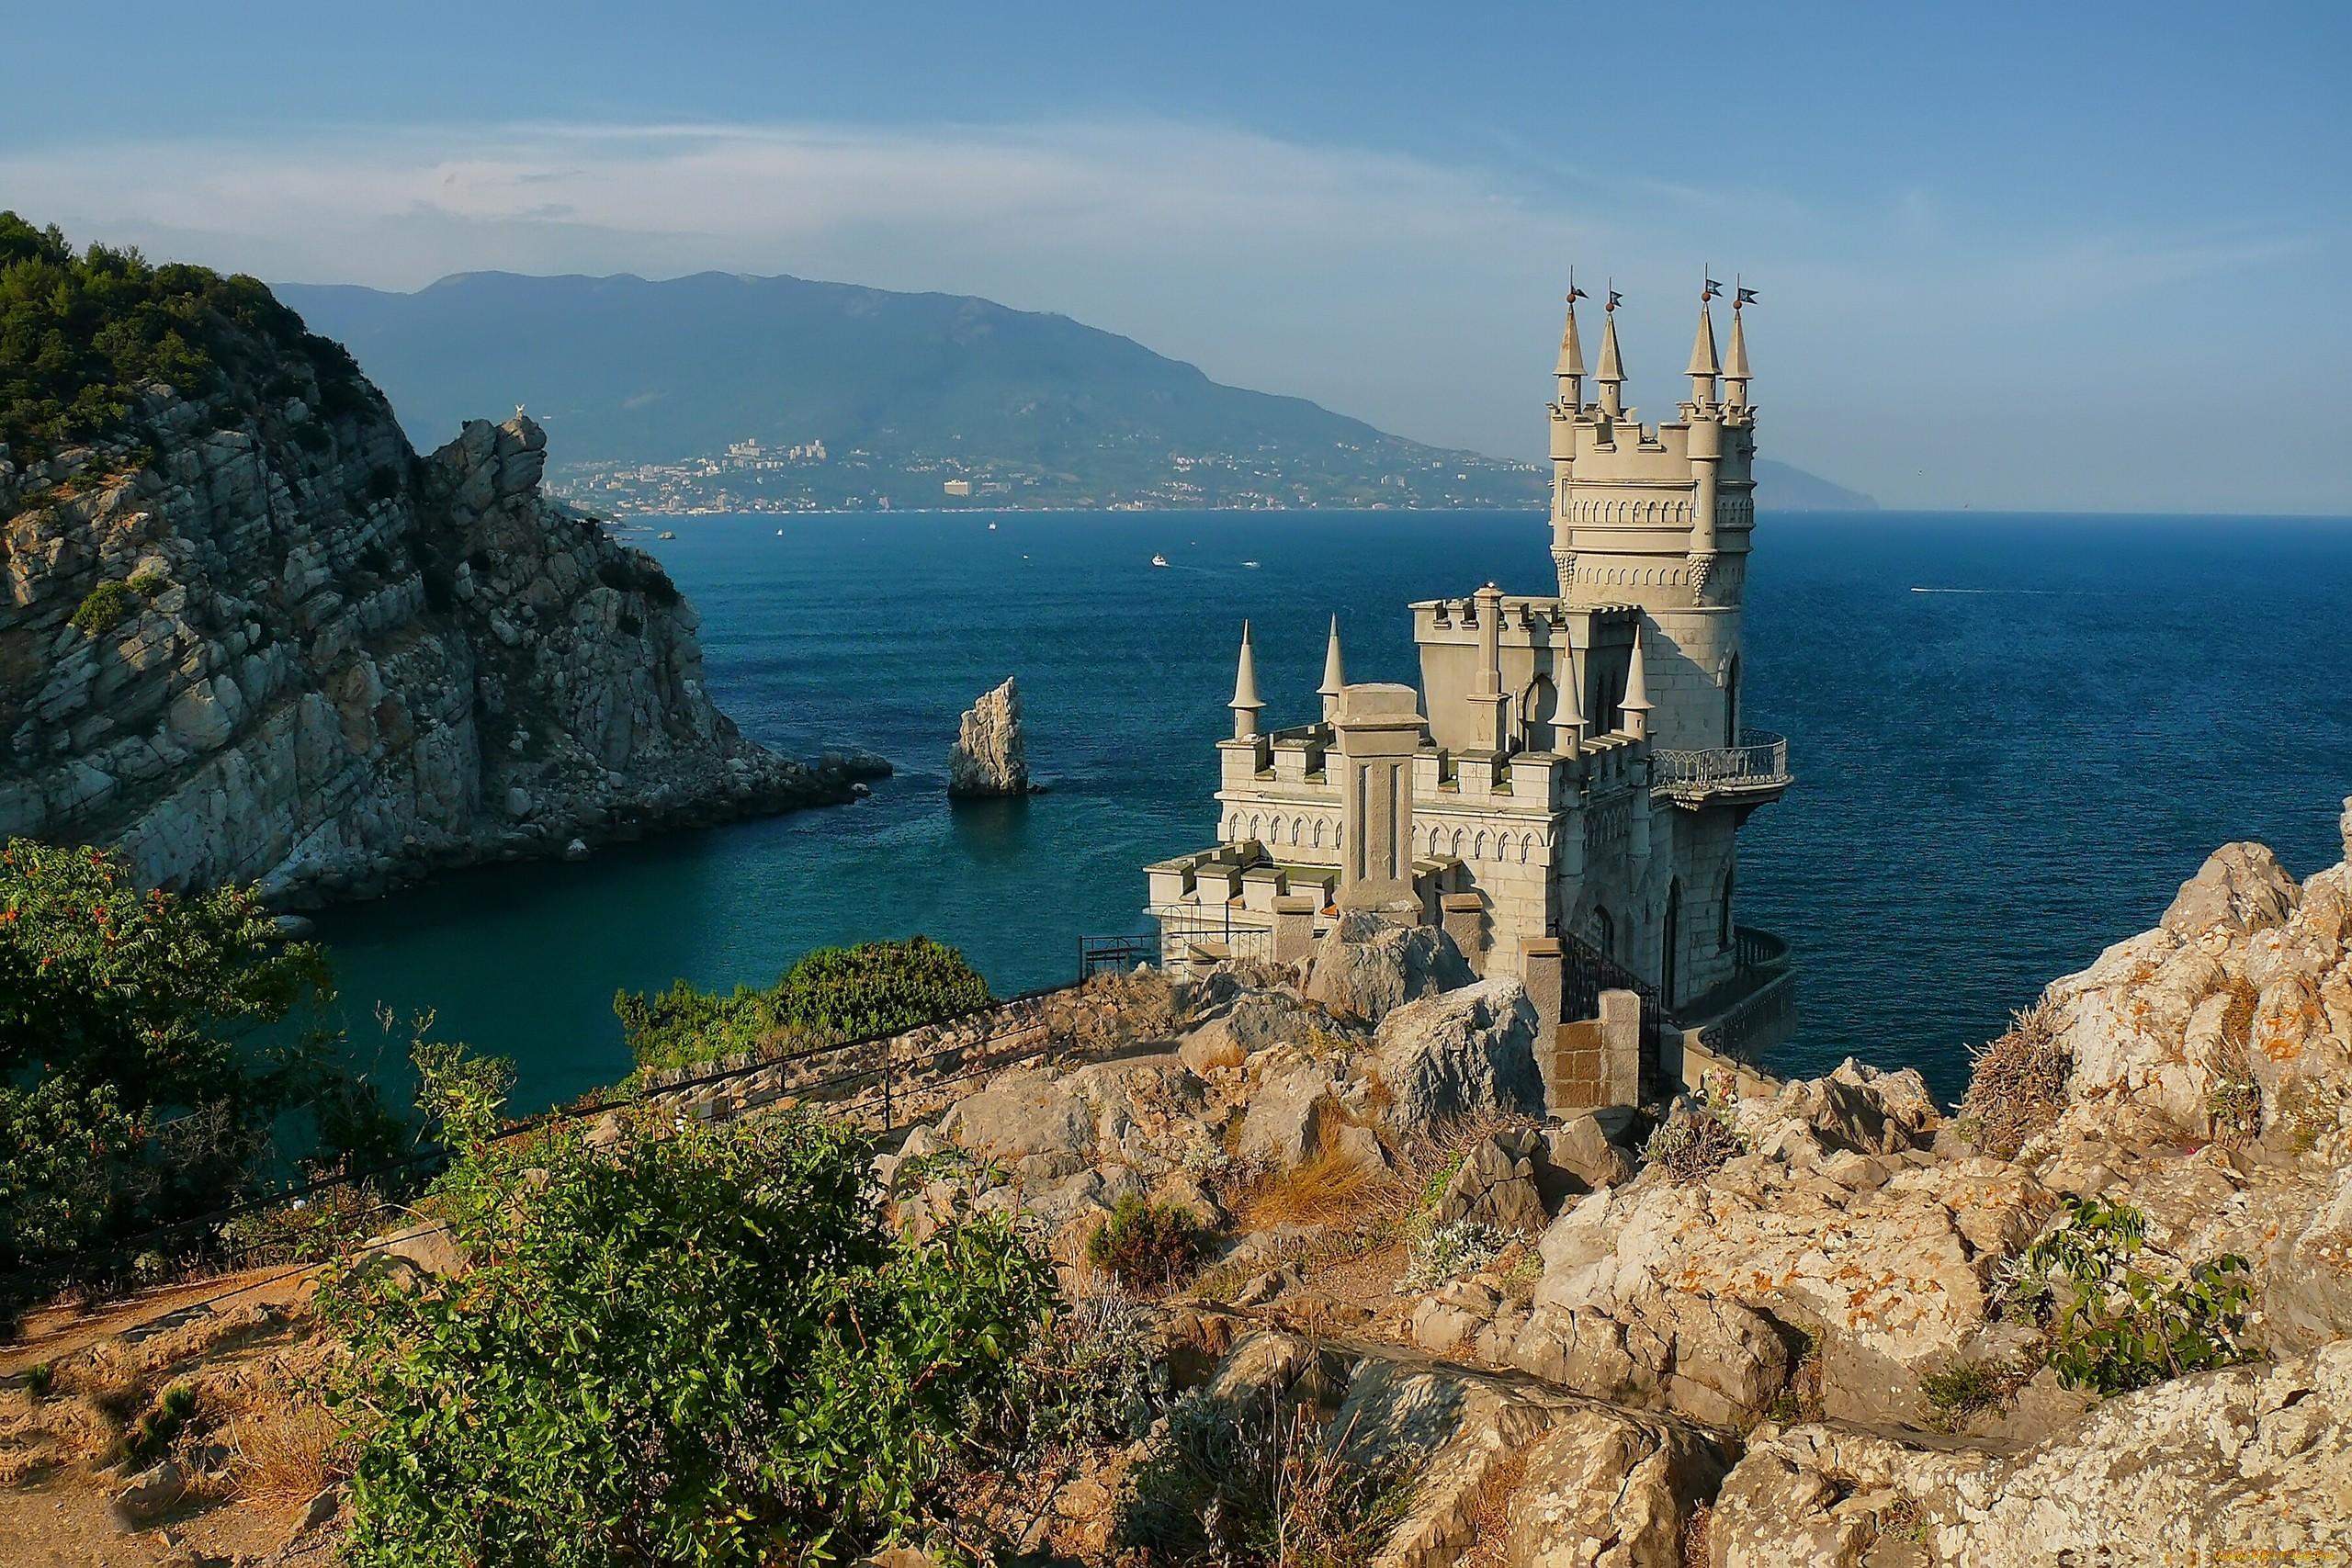 мае в Крыму до пляжного сезона далеко. Воздух прогревается максимум до +20, вода, мягко говоря, подходит для поклонников моржевания.